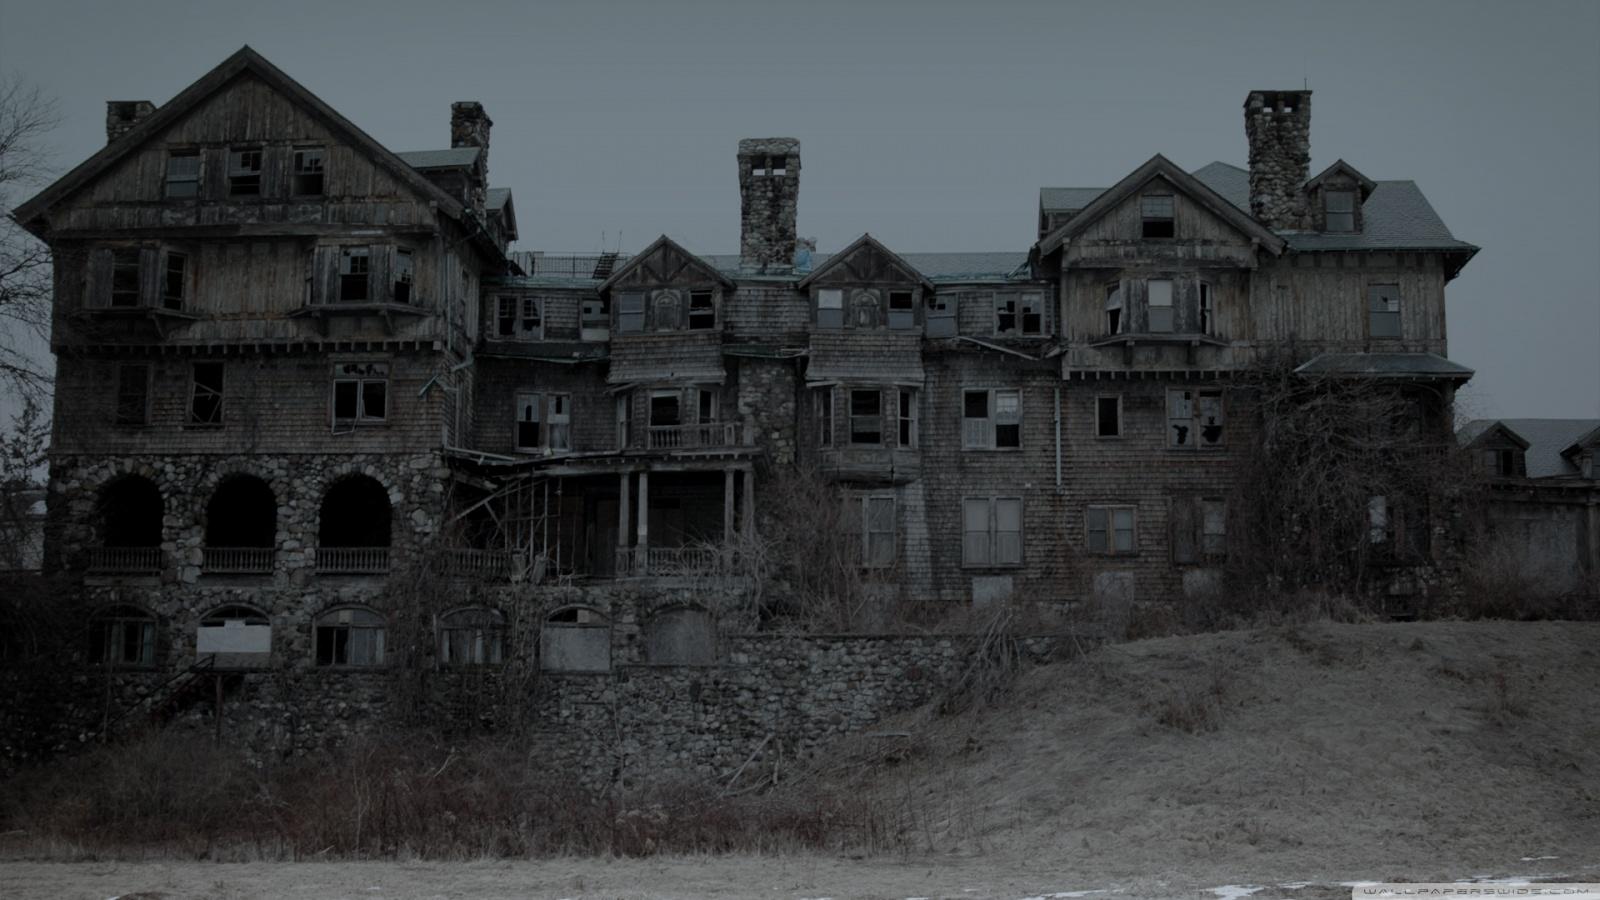 haunted places   Euro Palace Casino Blog